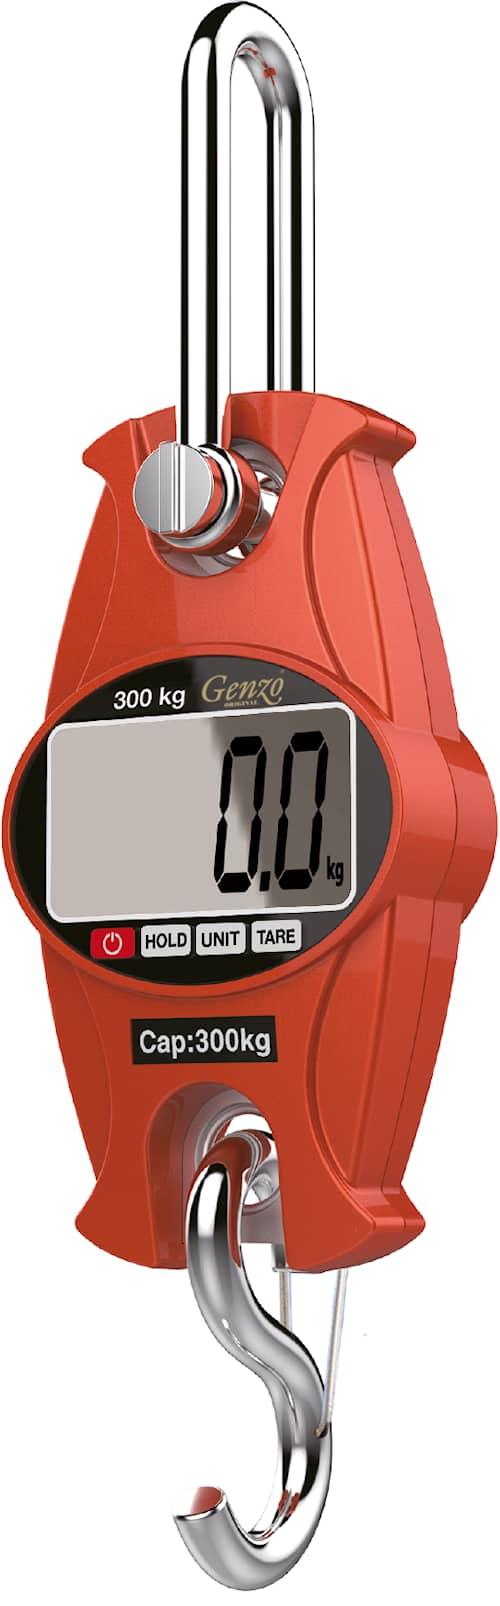 Genzo Hängvåg Digital 300 kg